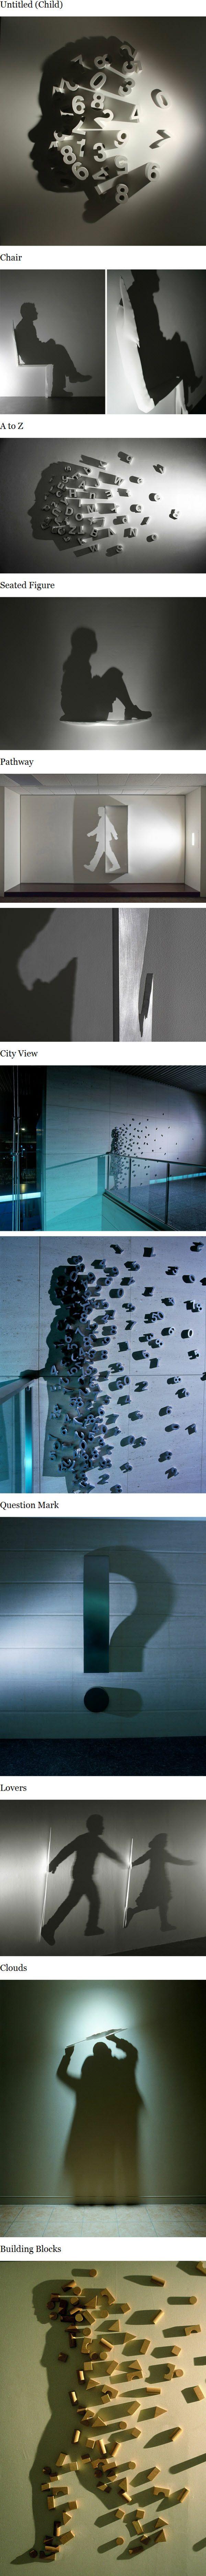 L'art des ombres, par Kumi Yamashita Magnifique